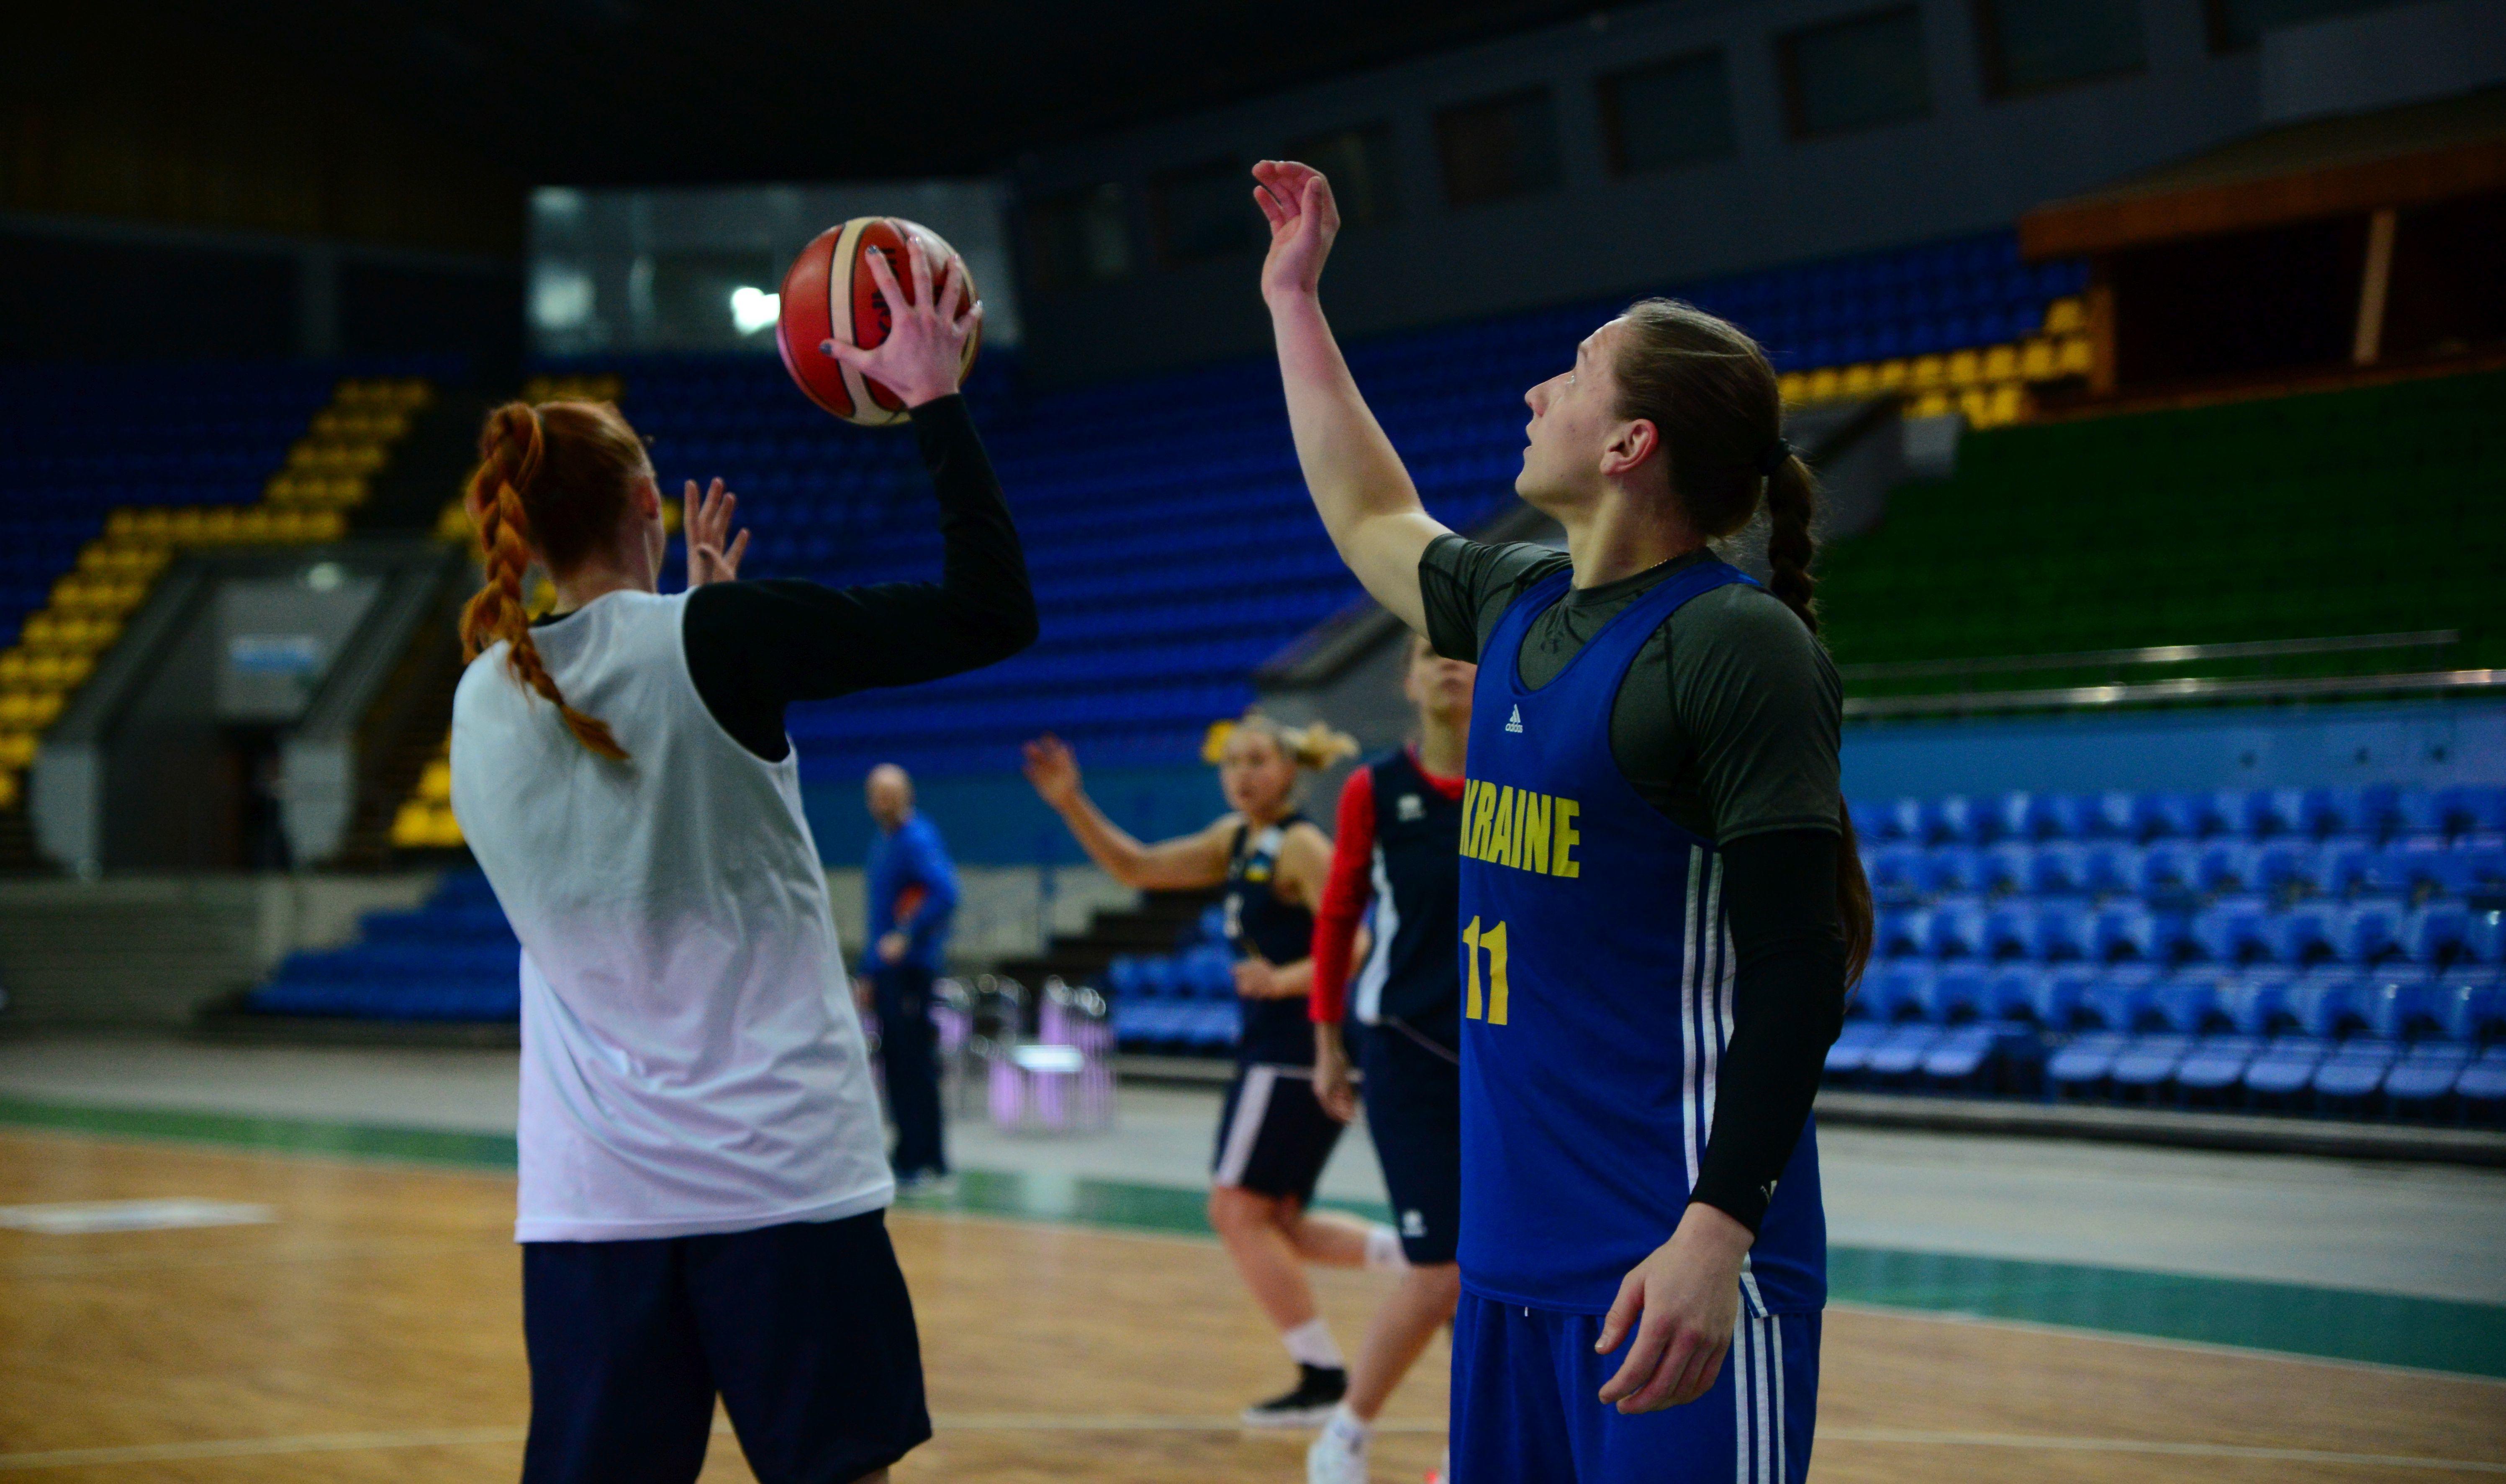 Збірна України: передматчеве тренування у Палаці спорту